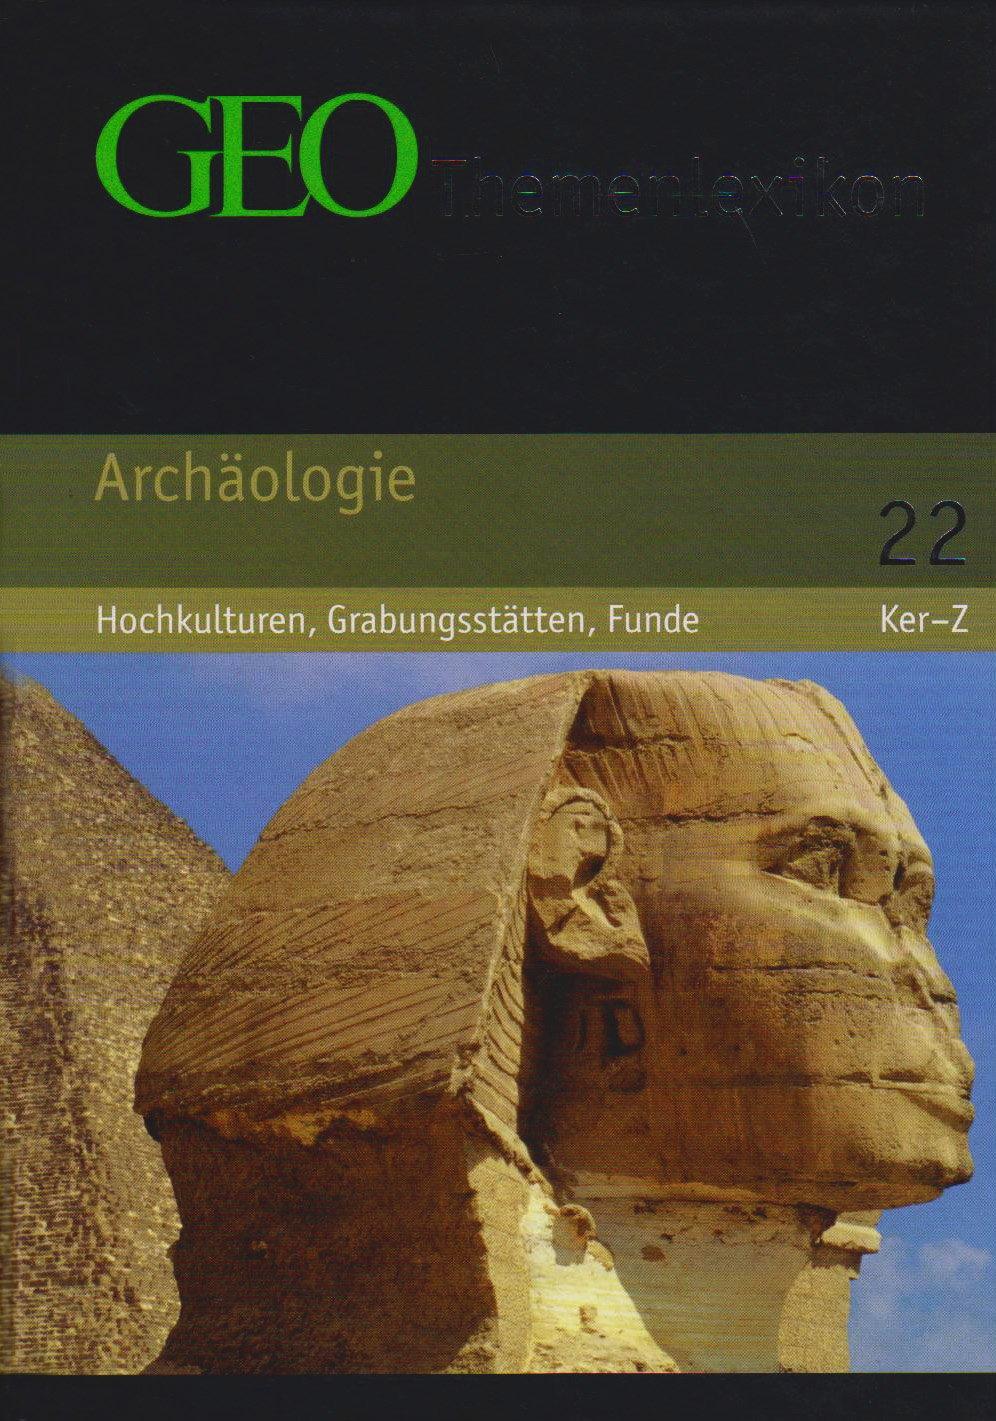 GEO Themenlexikon Band 22  Archäologie   Hochkulturen Grabungsstätten Meisterwerke